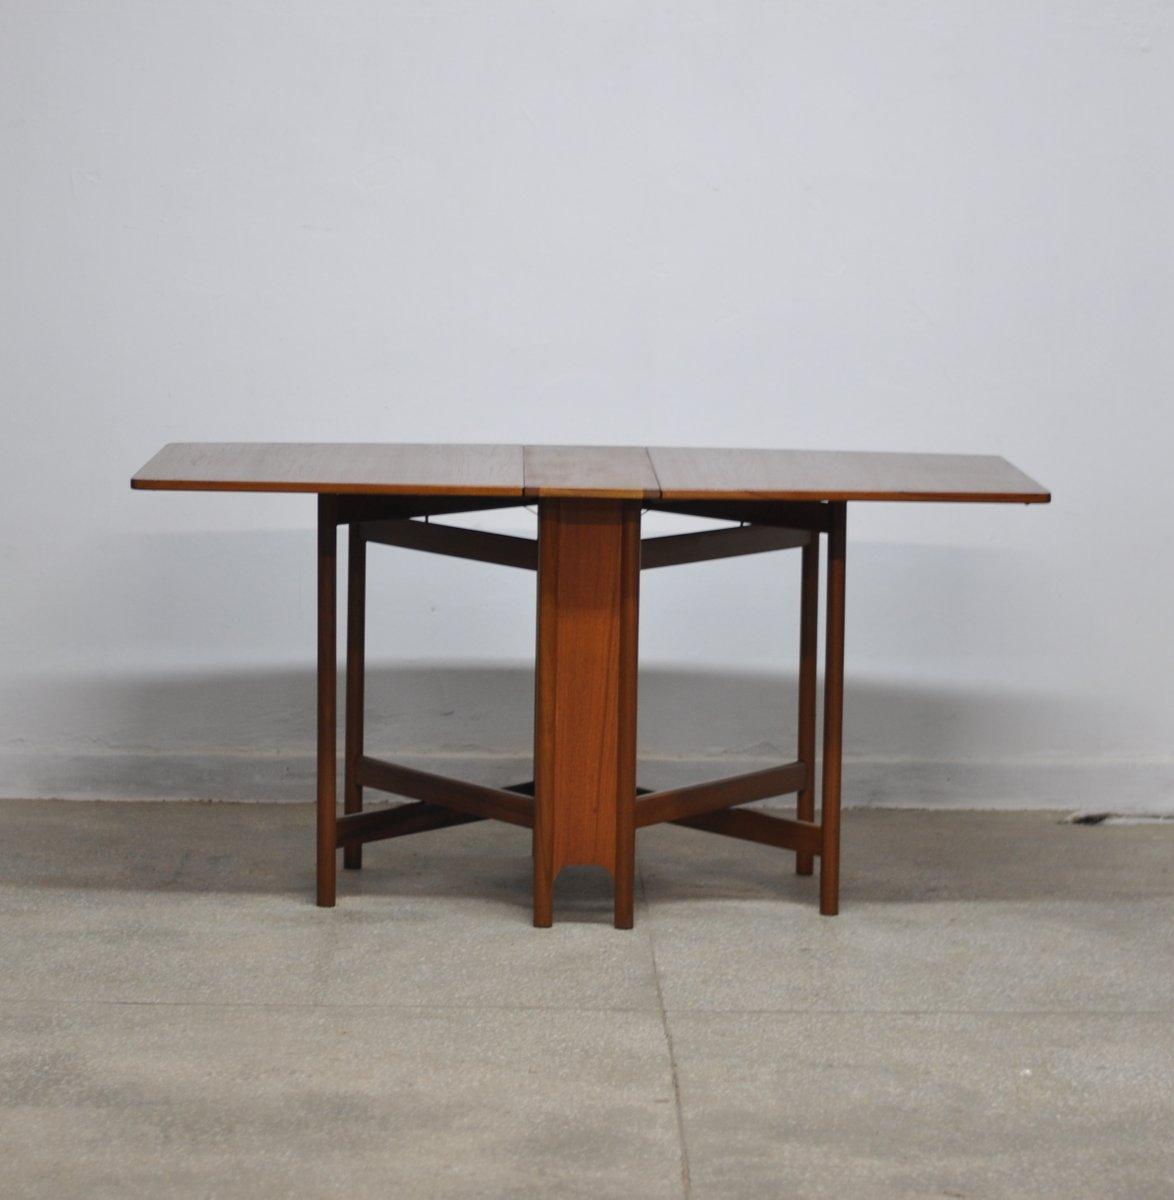 Klappbarer Mid-Century Esstisch von McIntosh, 1970er